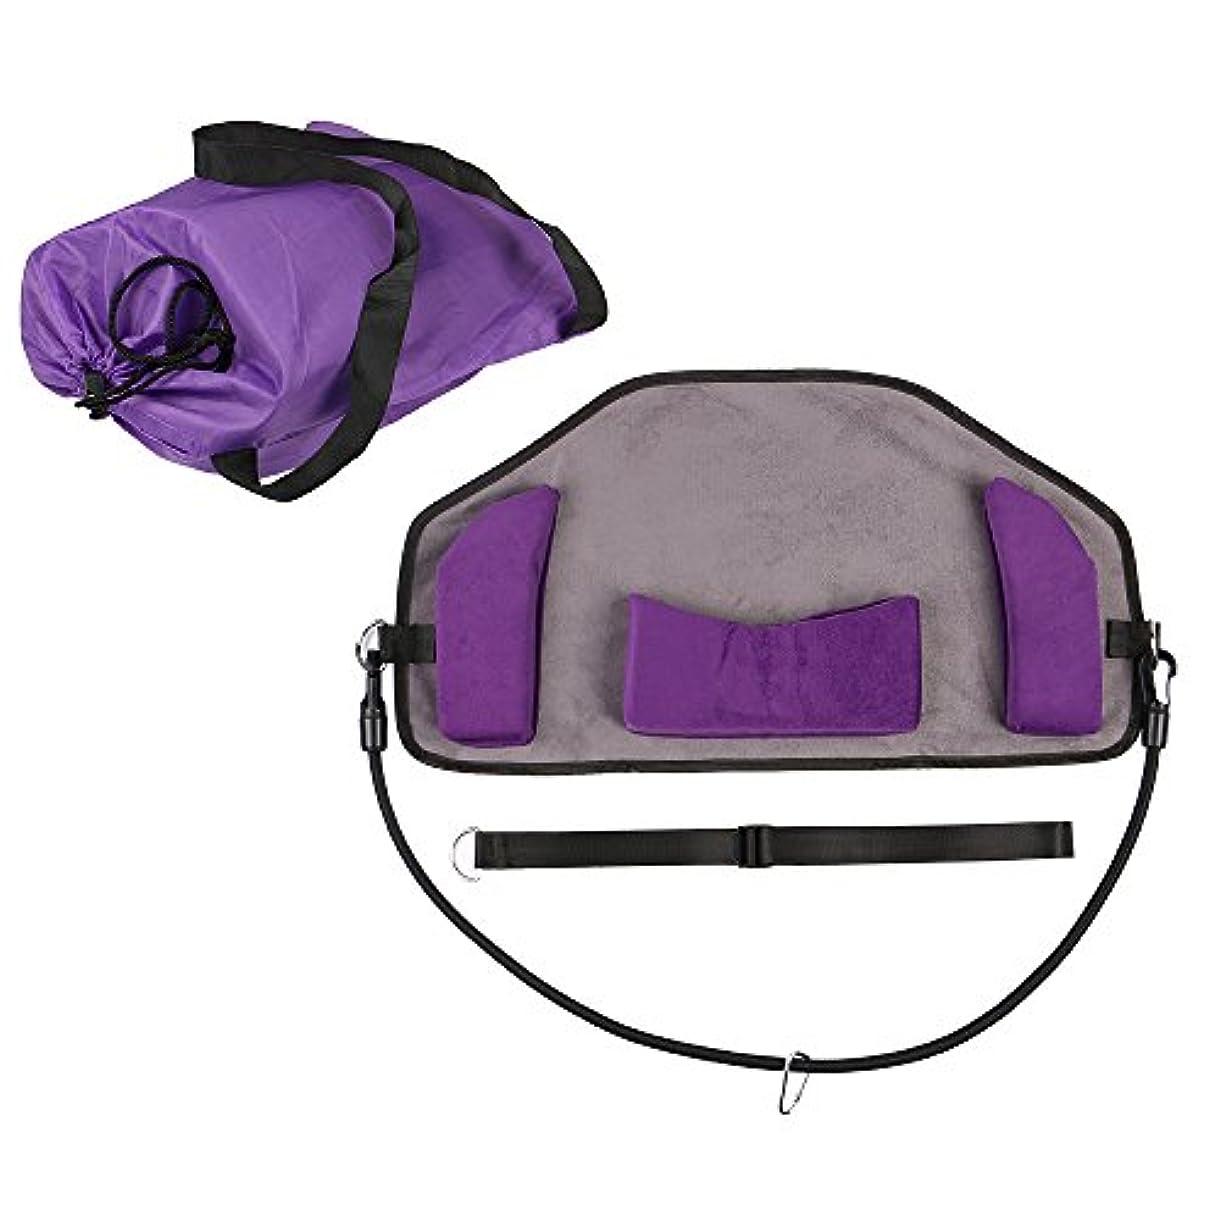 確保する摩擦定刻ネックハンモックネックペイントリリーフのためのより良いハンモックポータブルと調節可能なネックストレッチャーあなたの疲れを速やかに解消 (紫の)